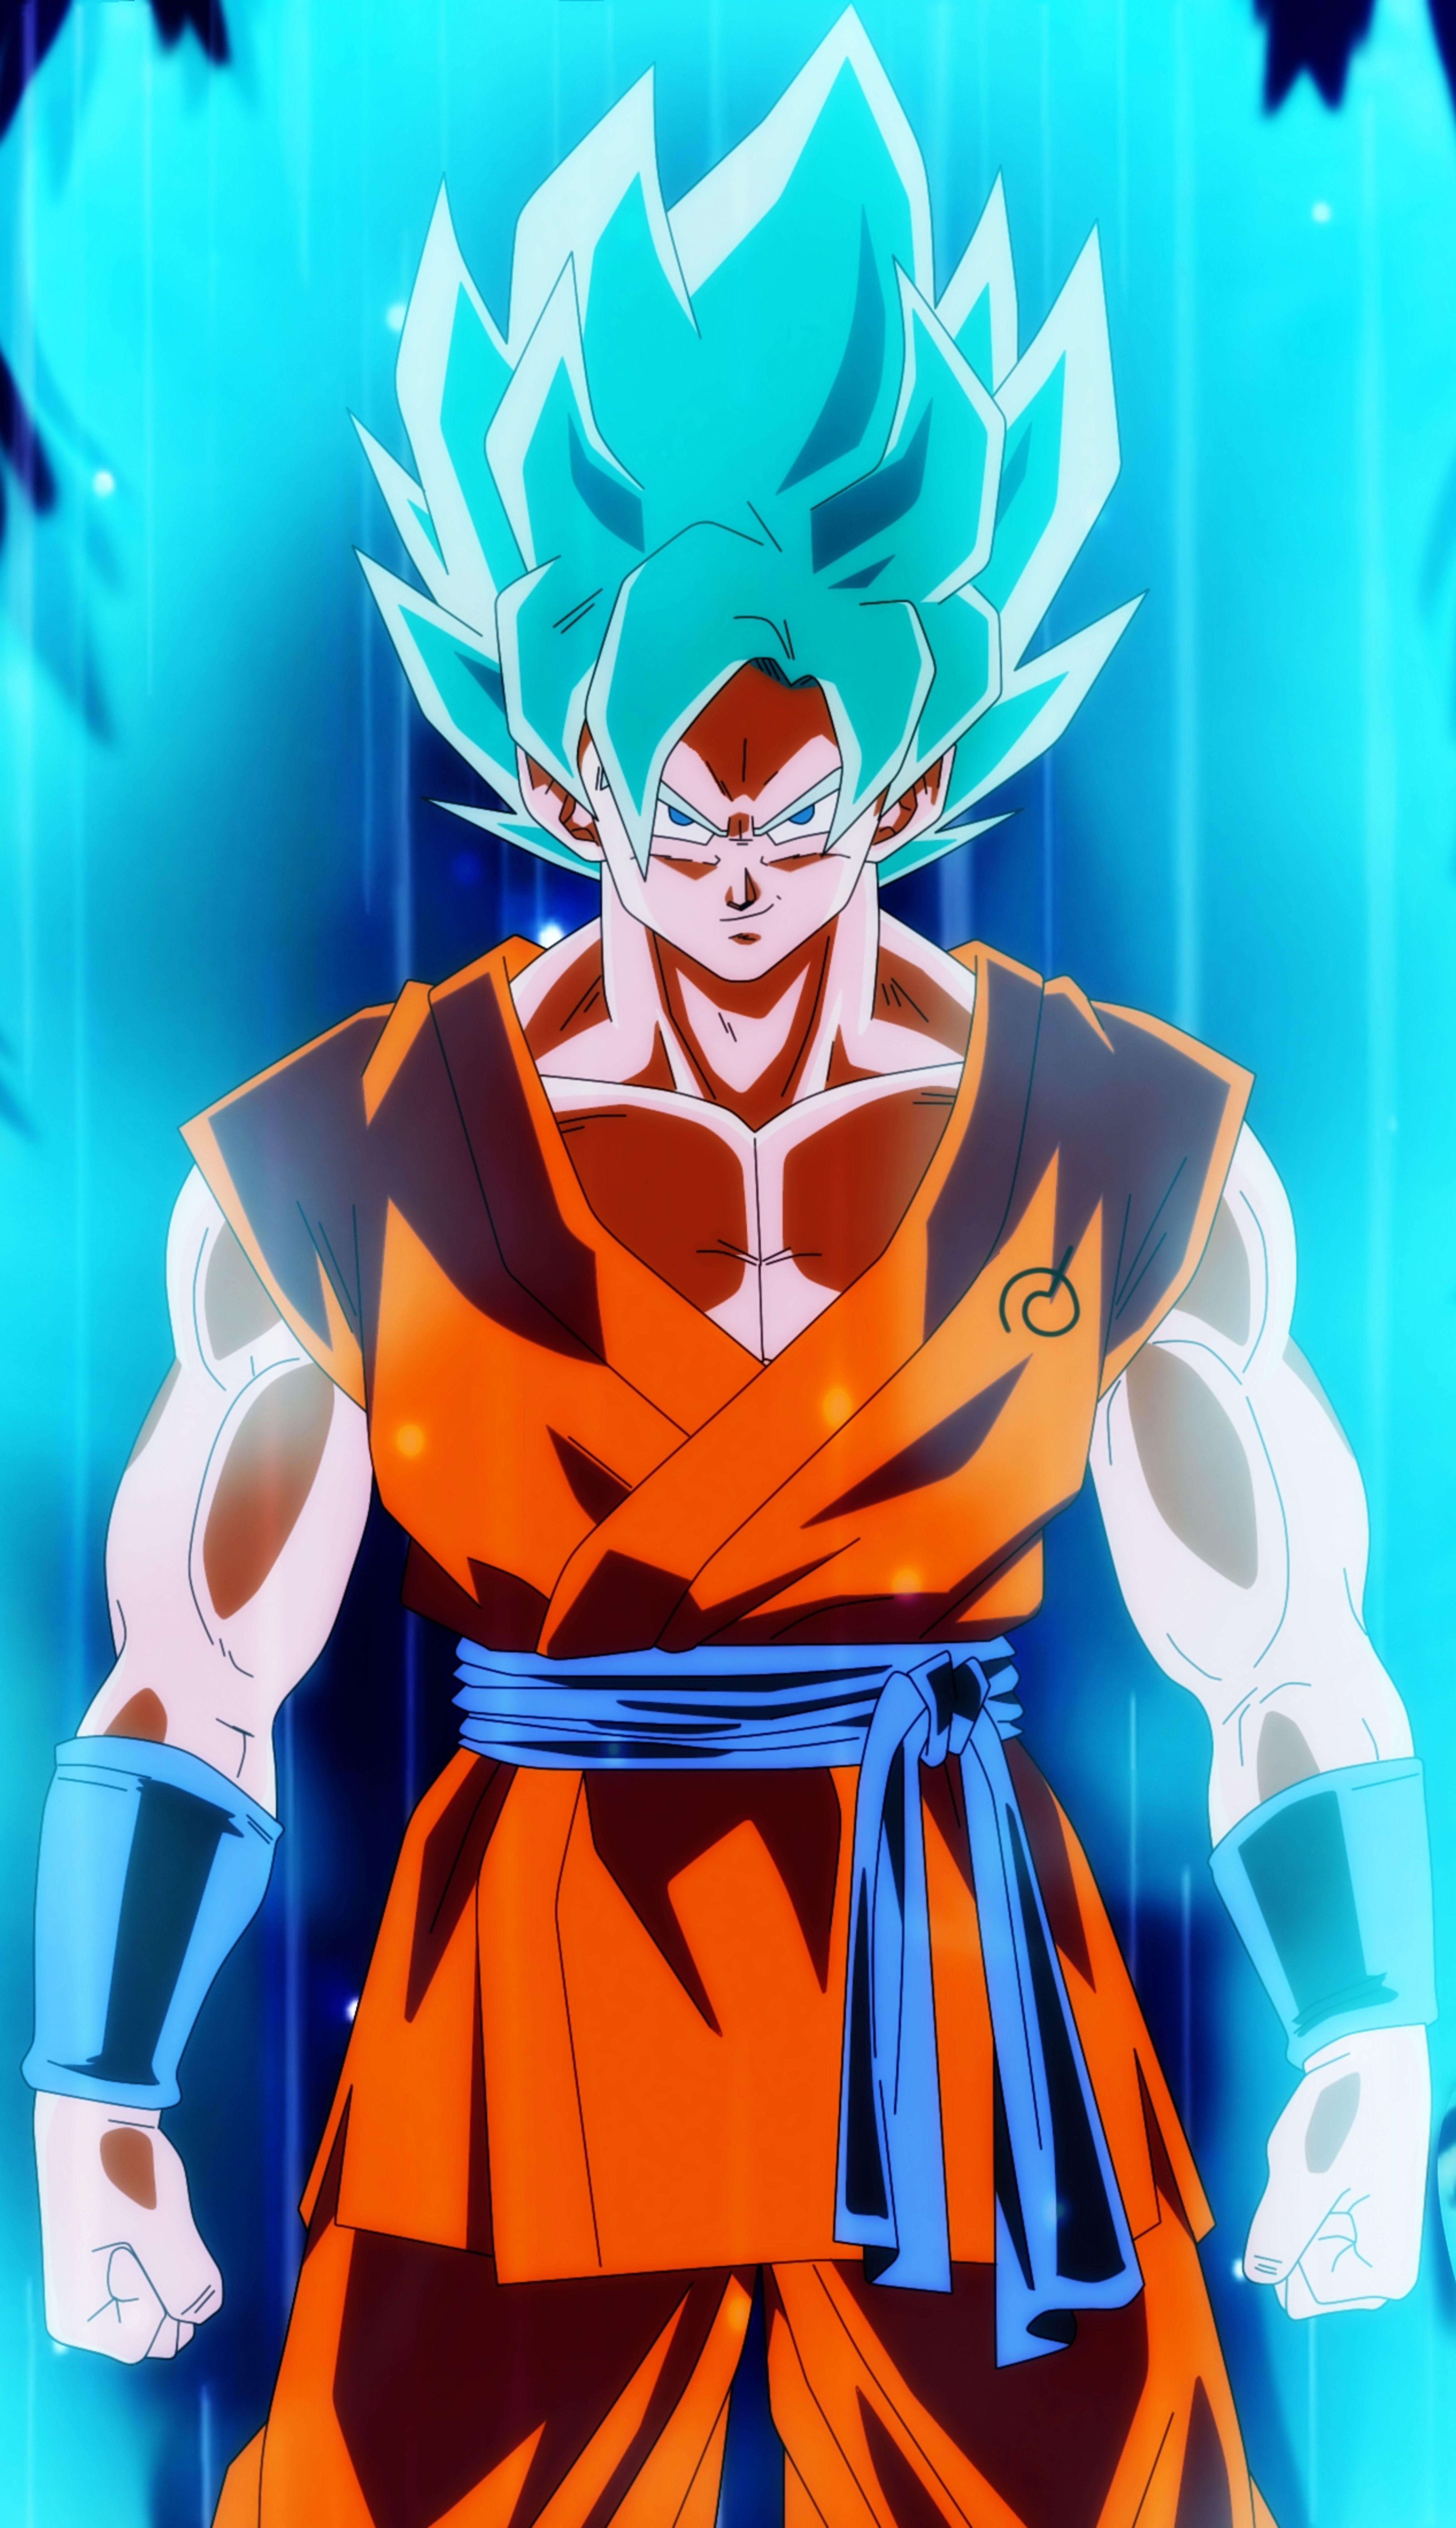 Goku SSJ Blue (Universo 7) Goku super saiyan blue